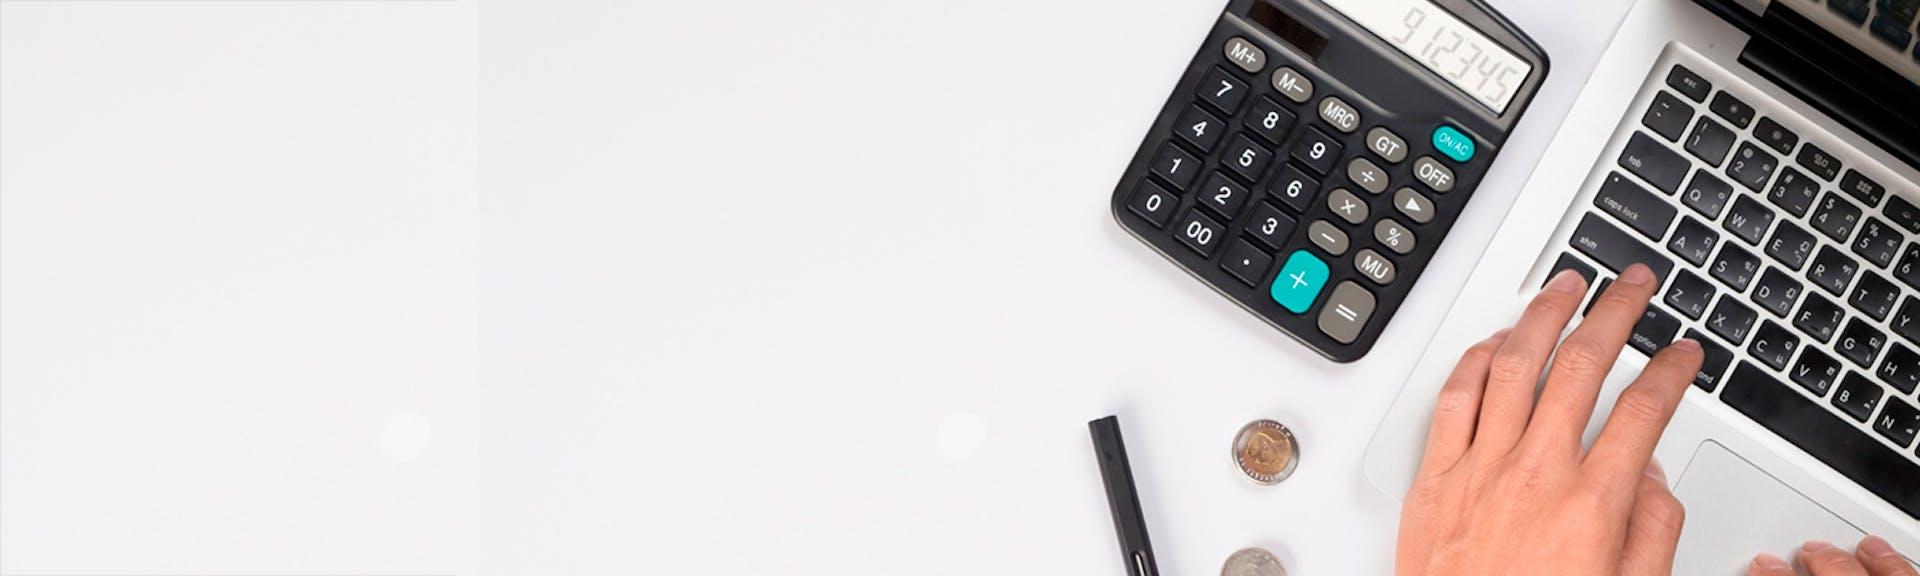 Aprende cómo salir de deudas y libérate de las presiones bancarias